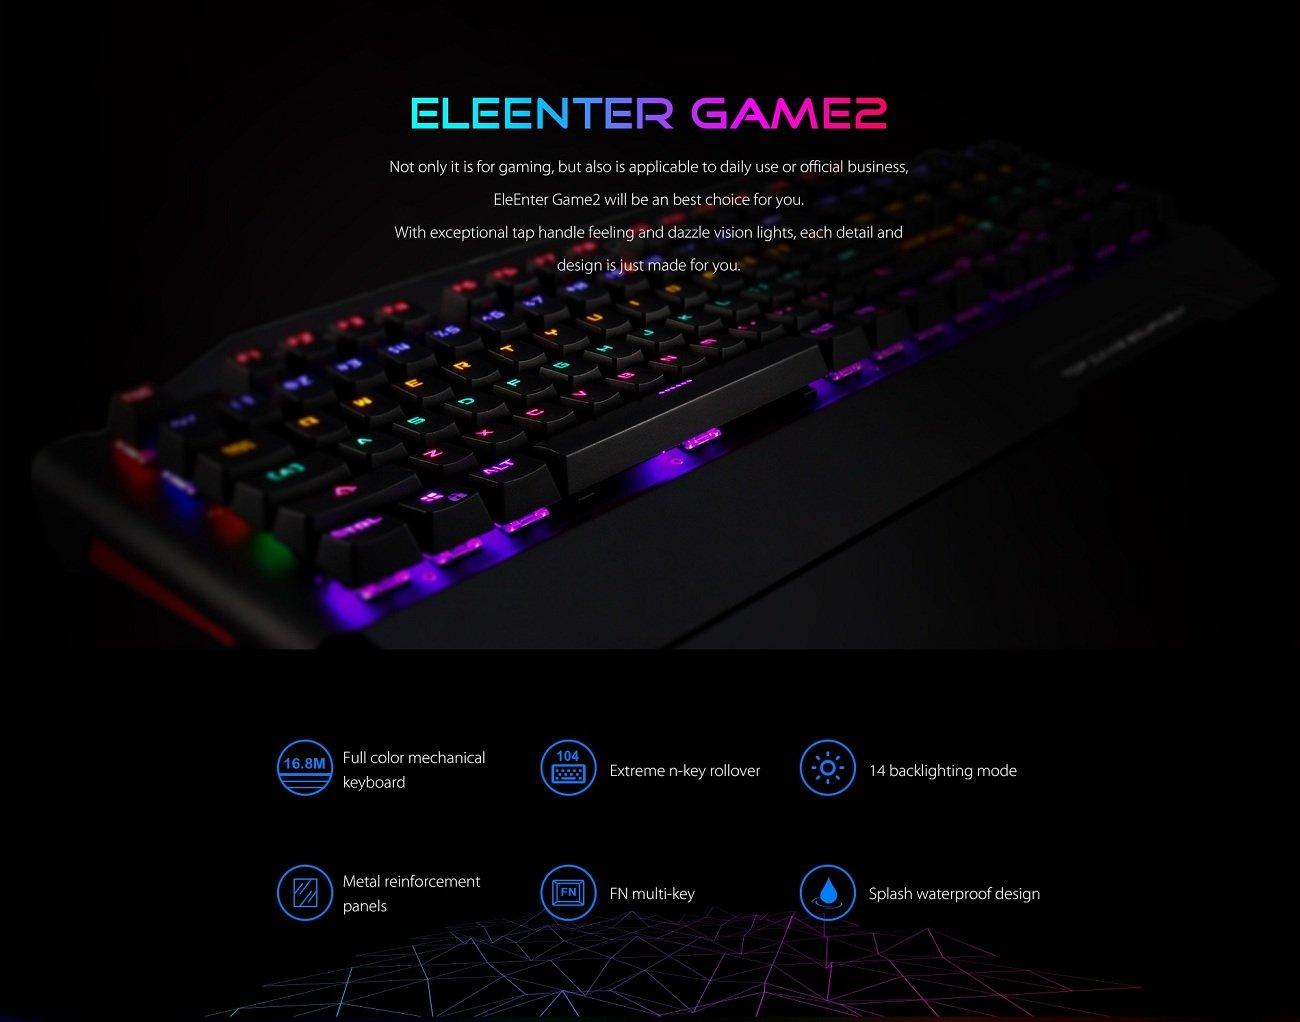 Teclado mecánico, Ele eleenter Game2 RGB 104 teclas retroiluminado, teclados para juegos, aleación de aluminio + plástico resistente al agua Vídeo Juego ...